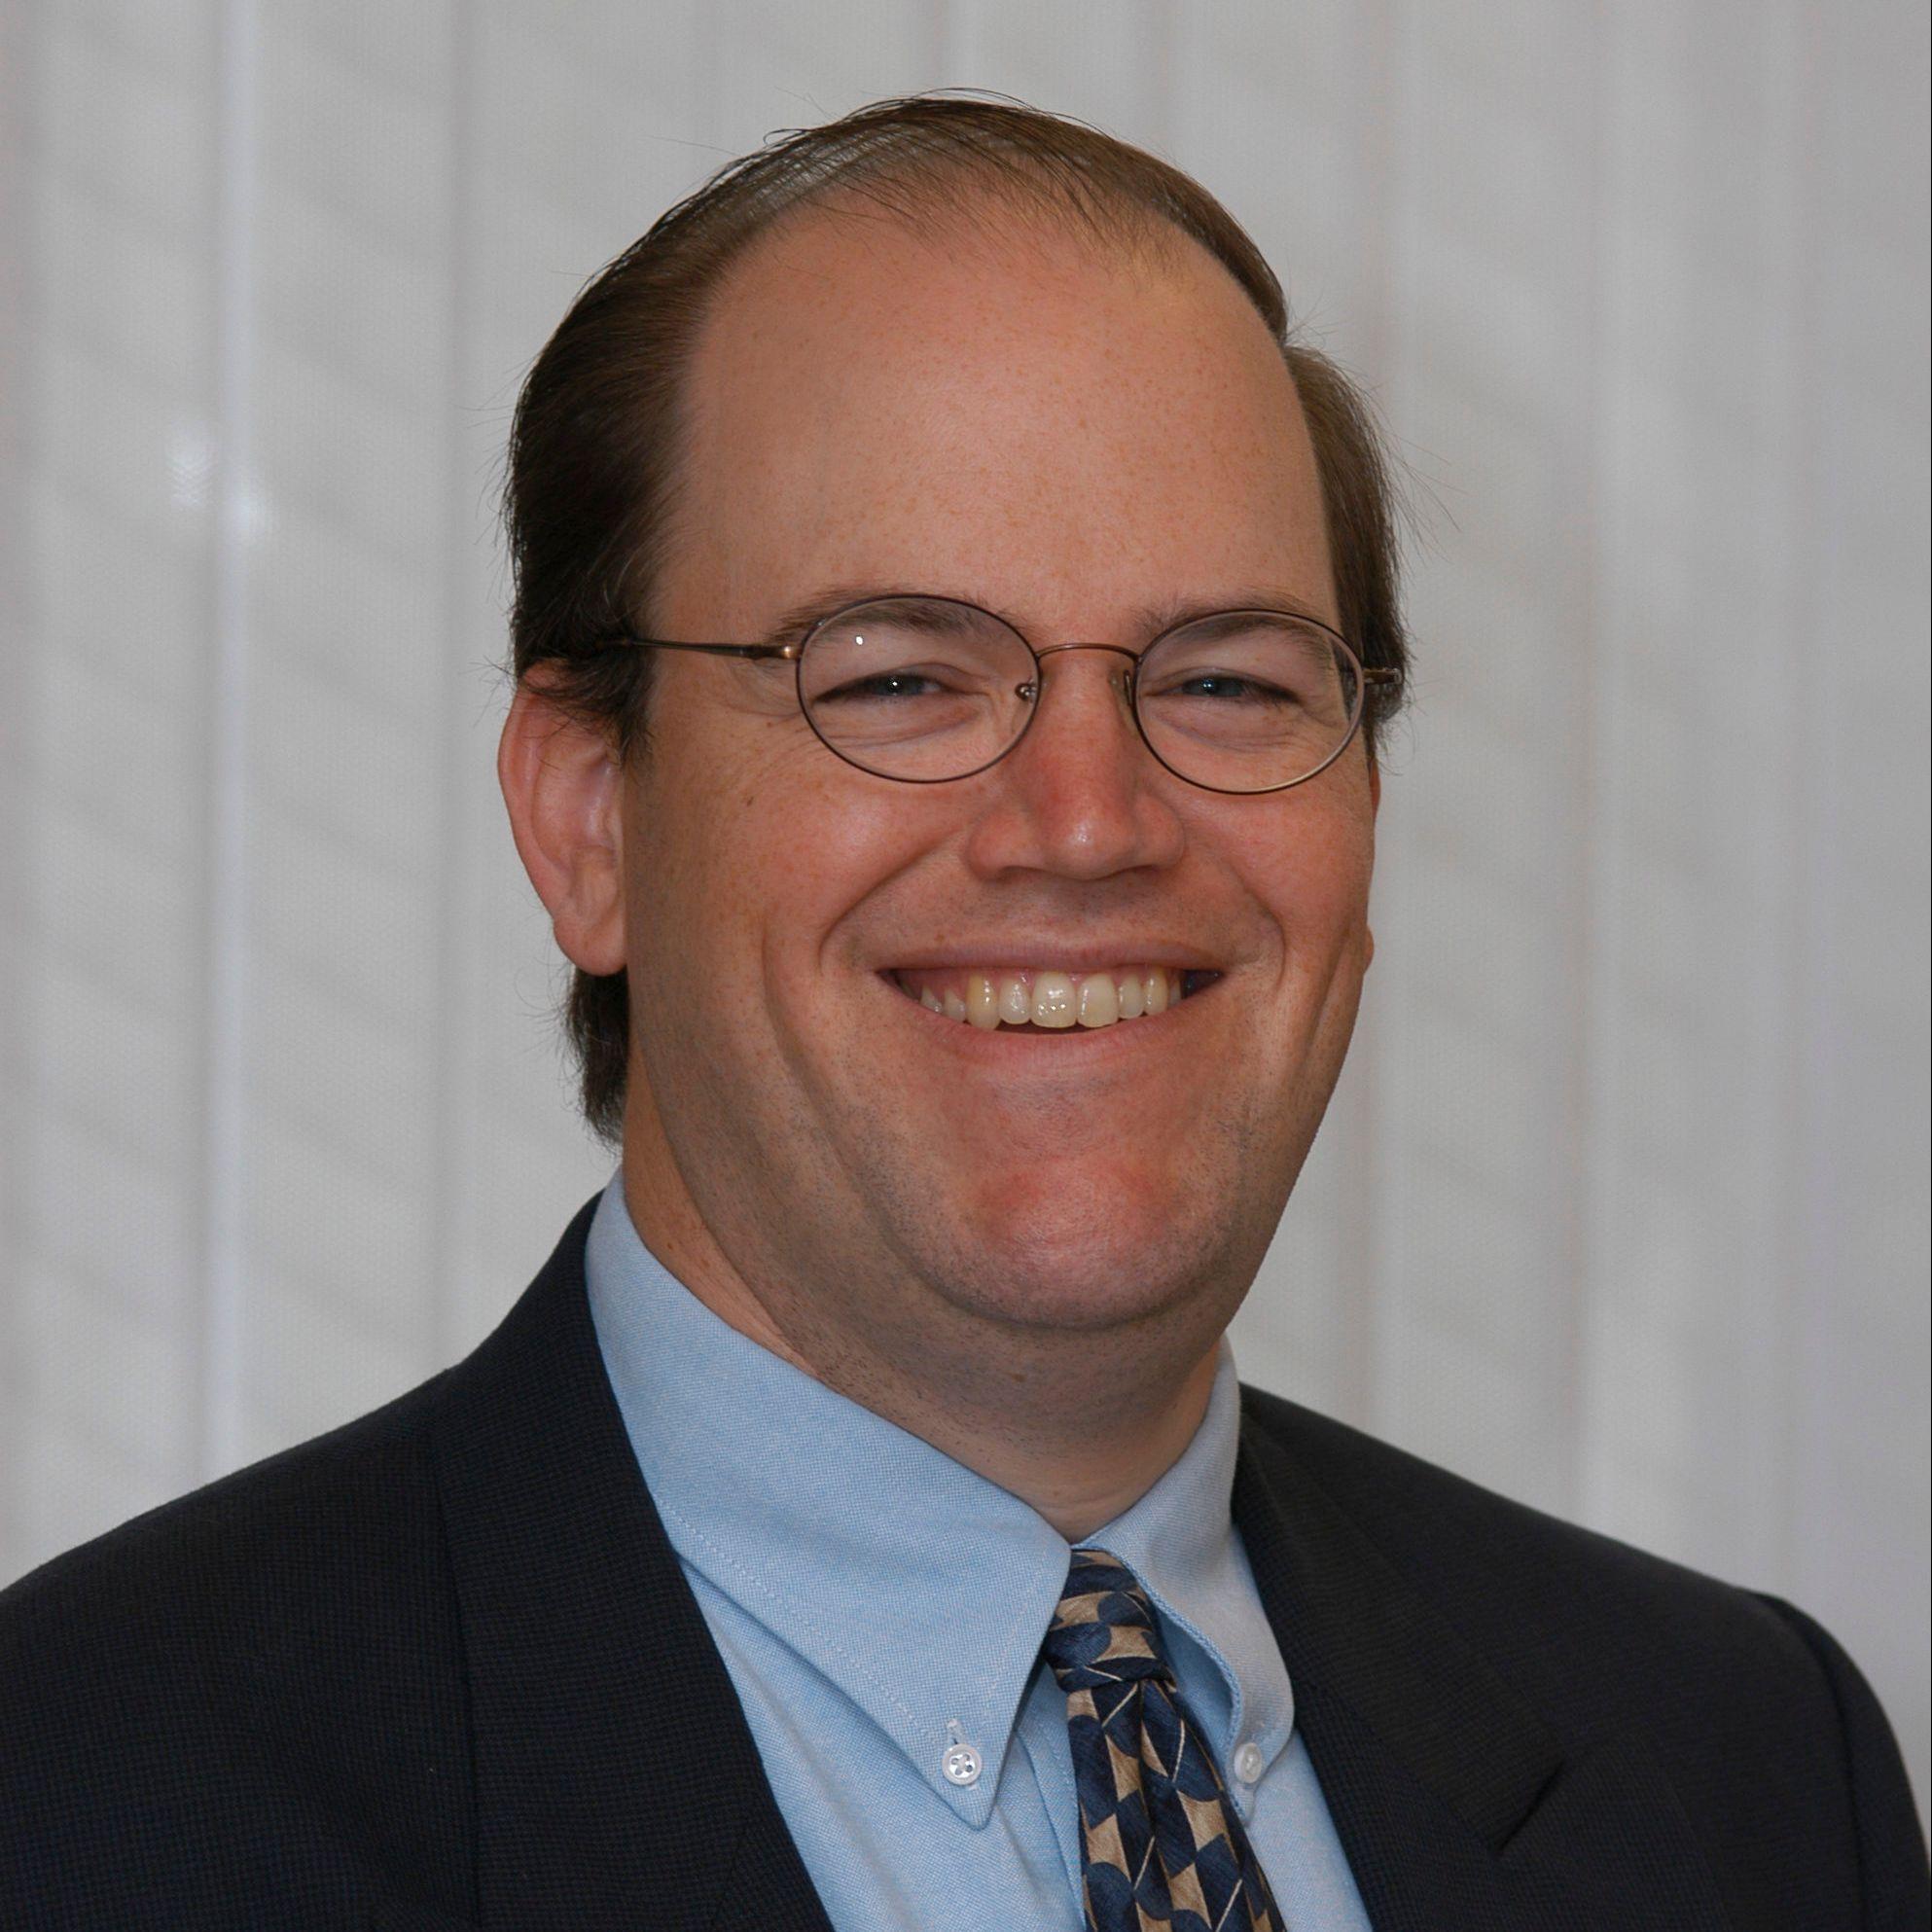 Photo of Daniel Garrick